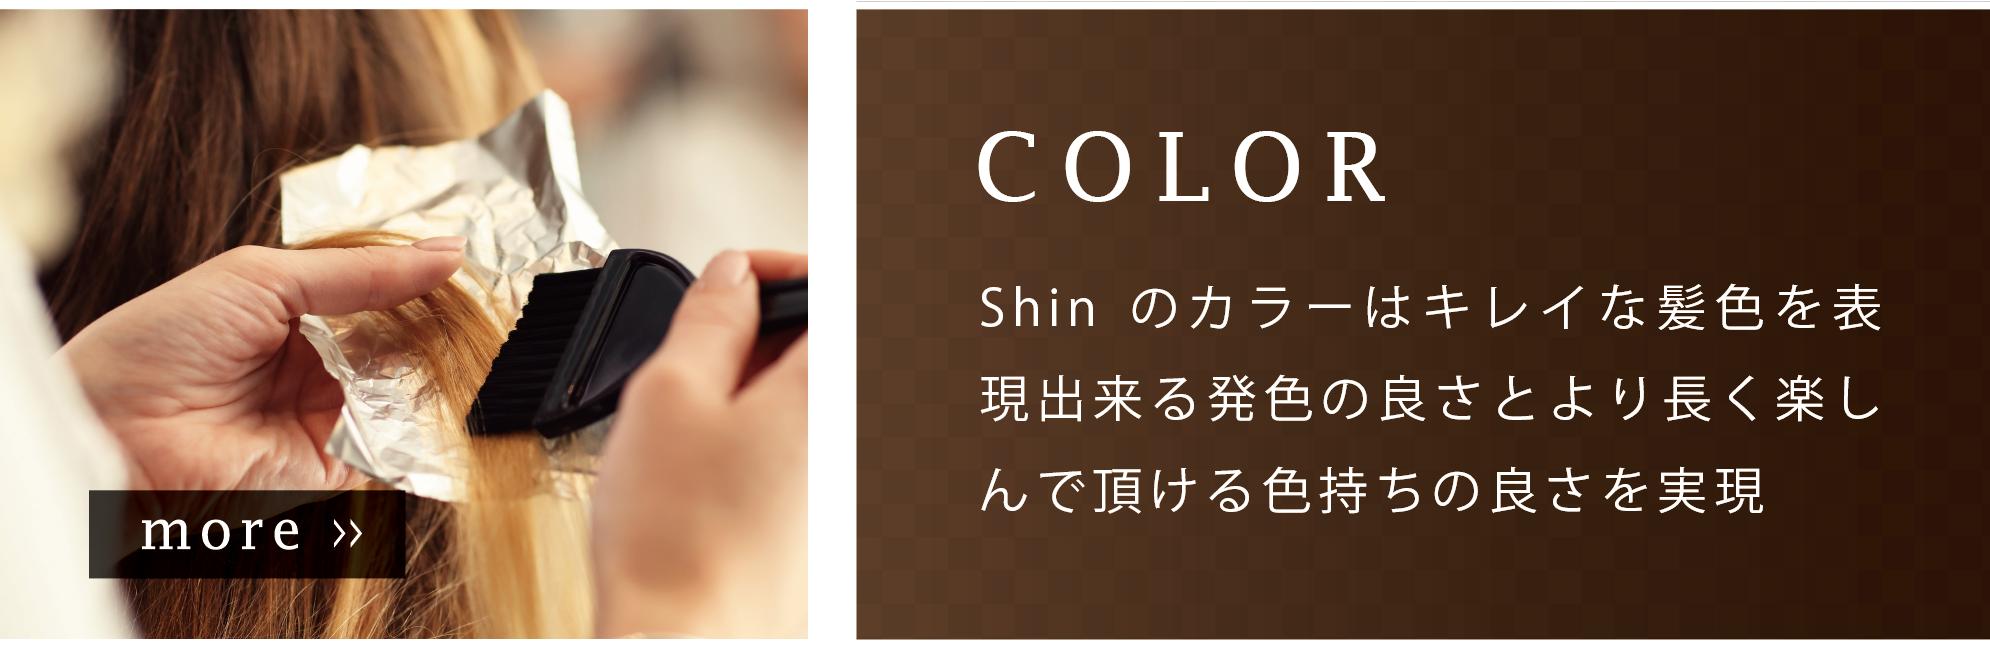 ヘアサロンShinのカラー